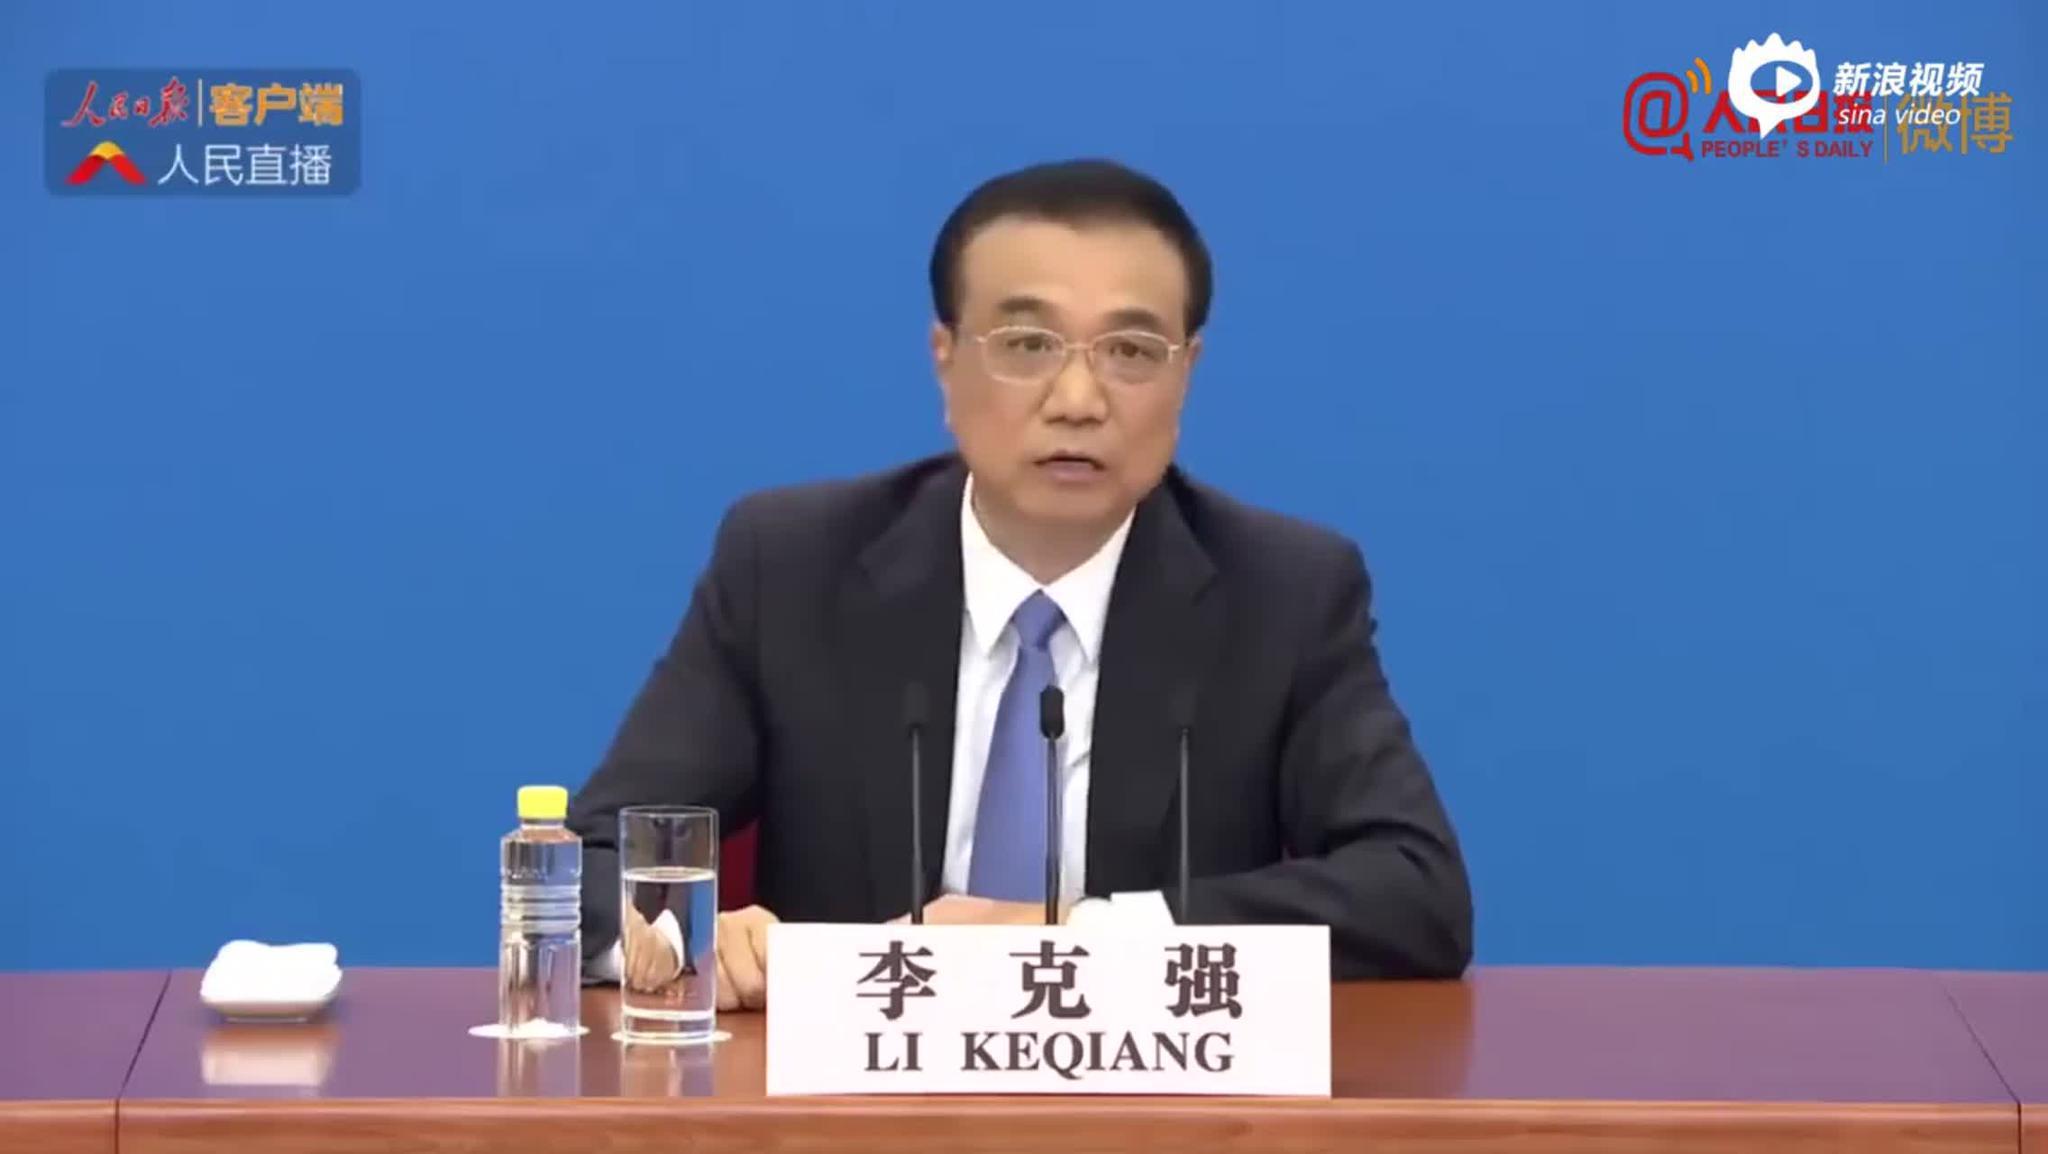 李克强:中央转移支付资金要建立实名制 要有账可查